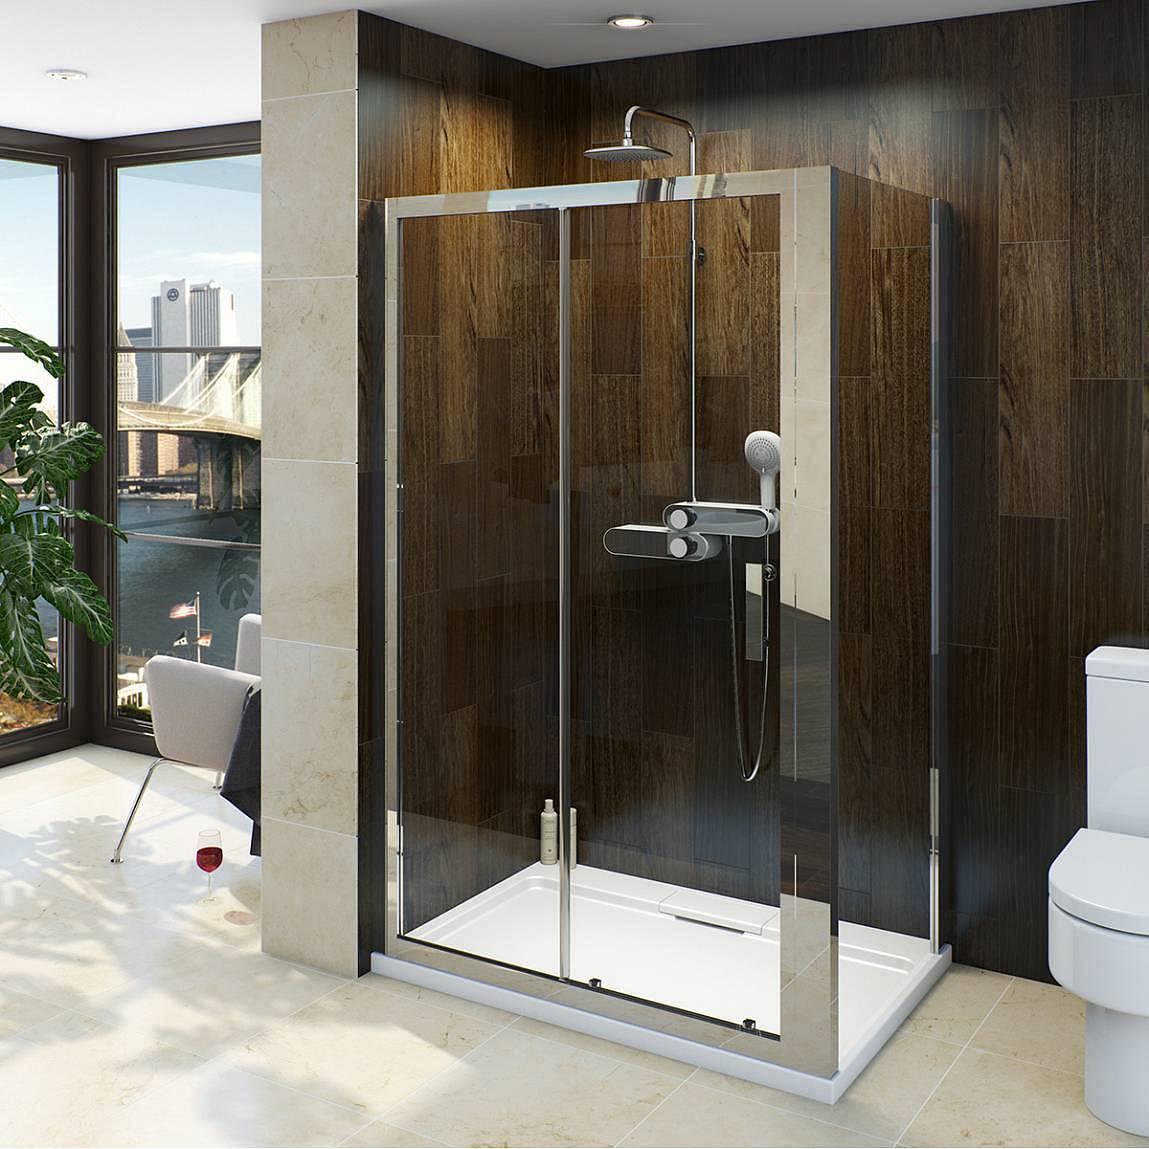 Image of V8 Framed Sliding Shower Enclosure 1200 x 1000